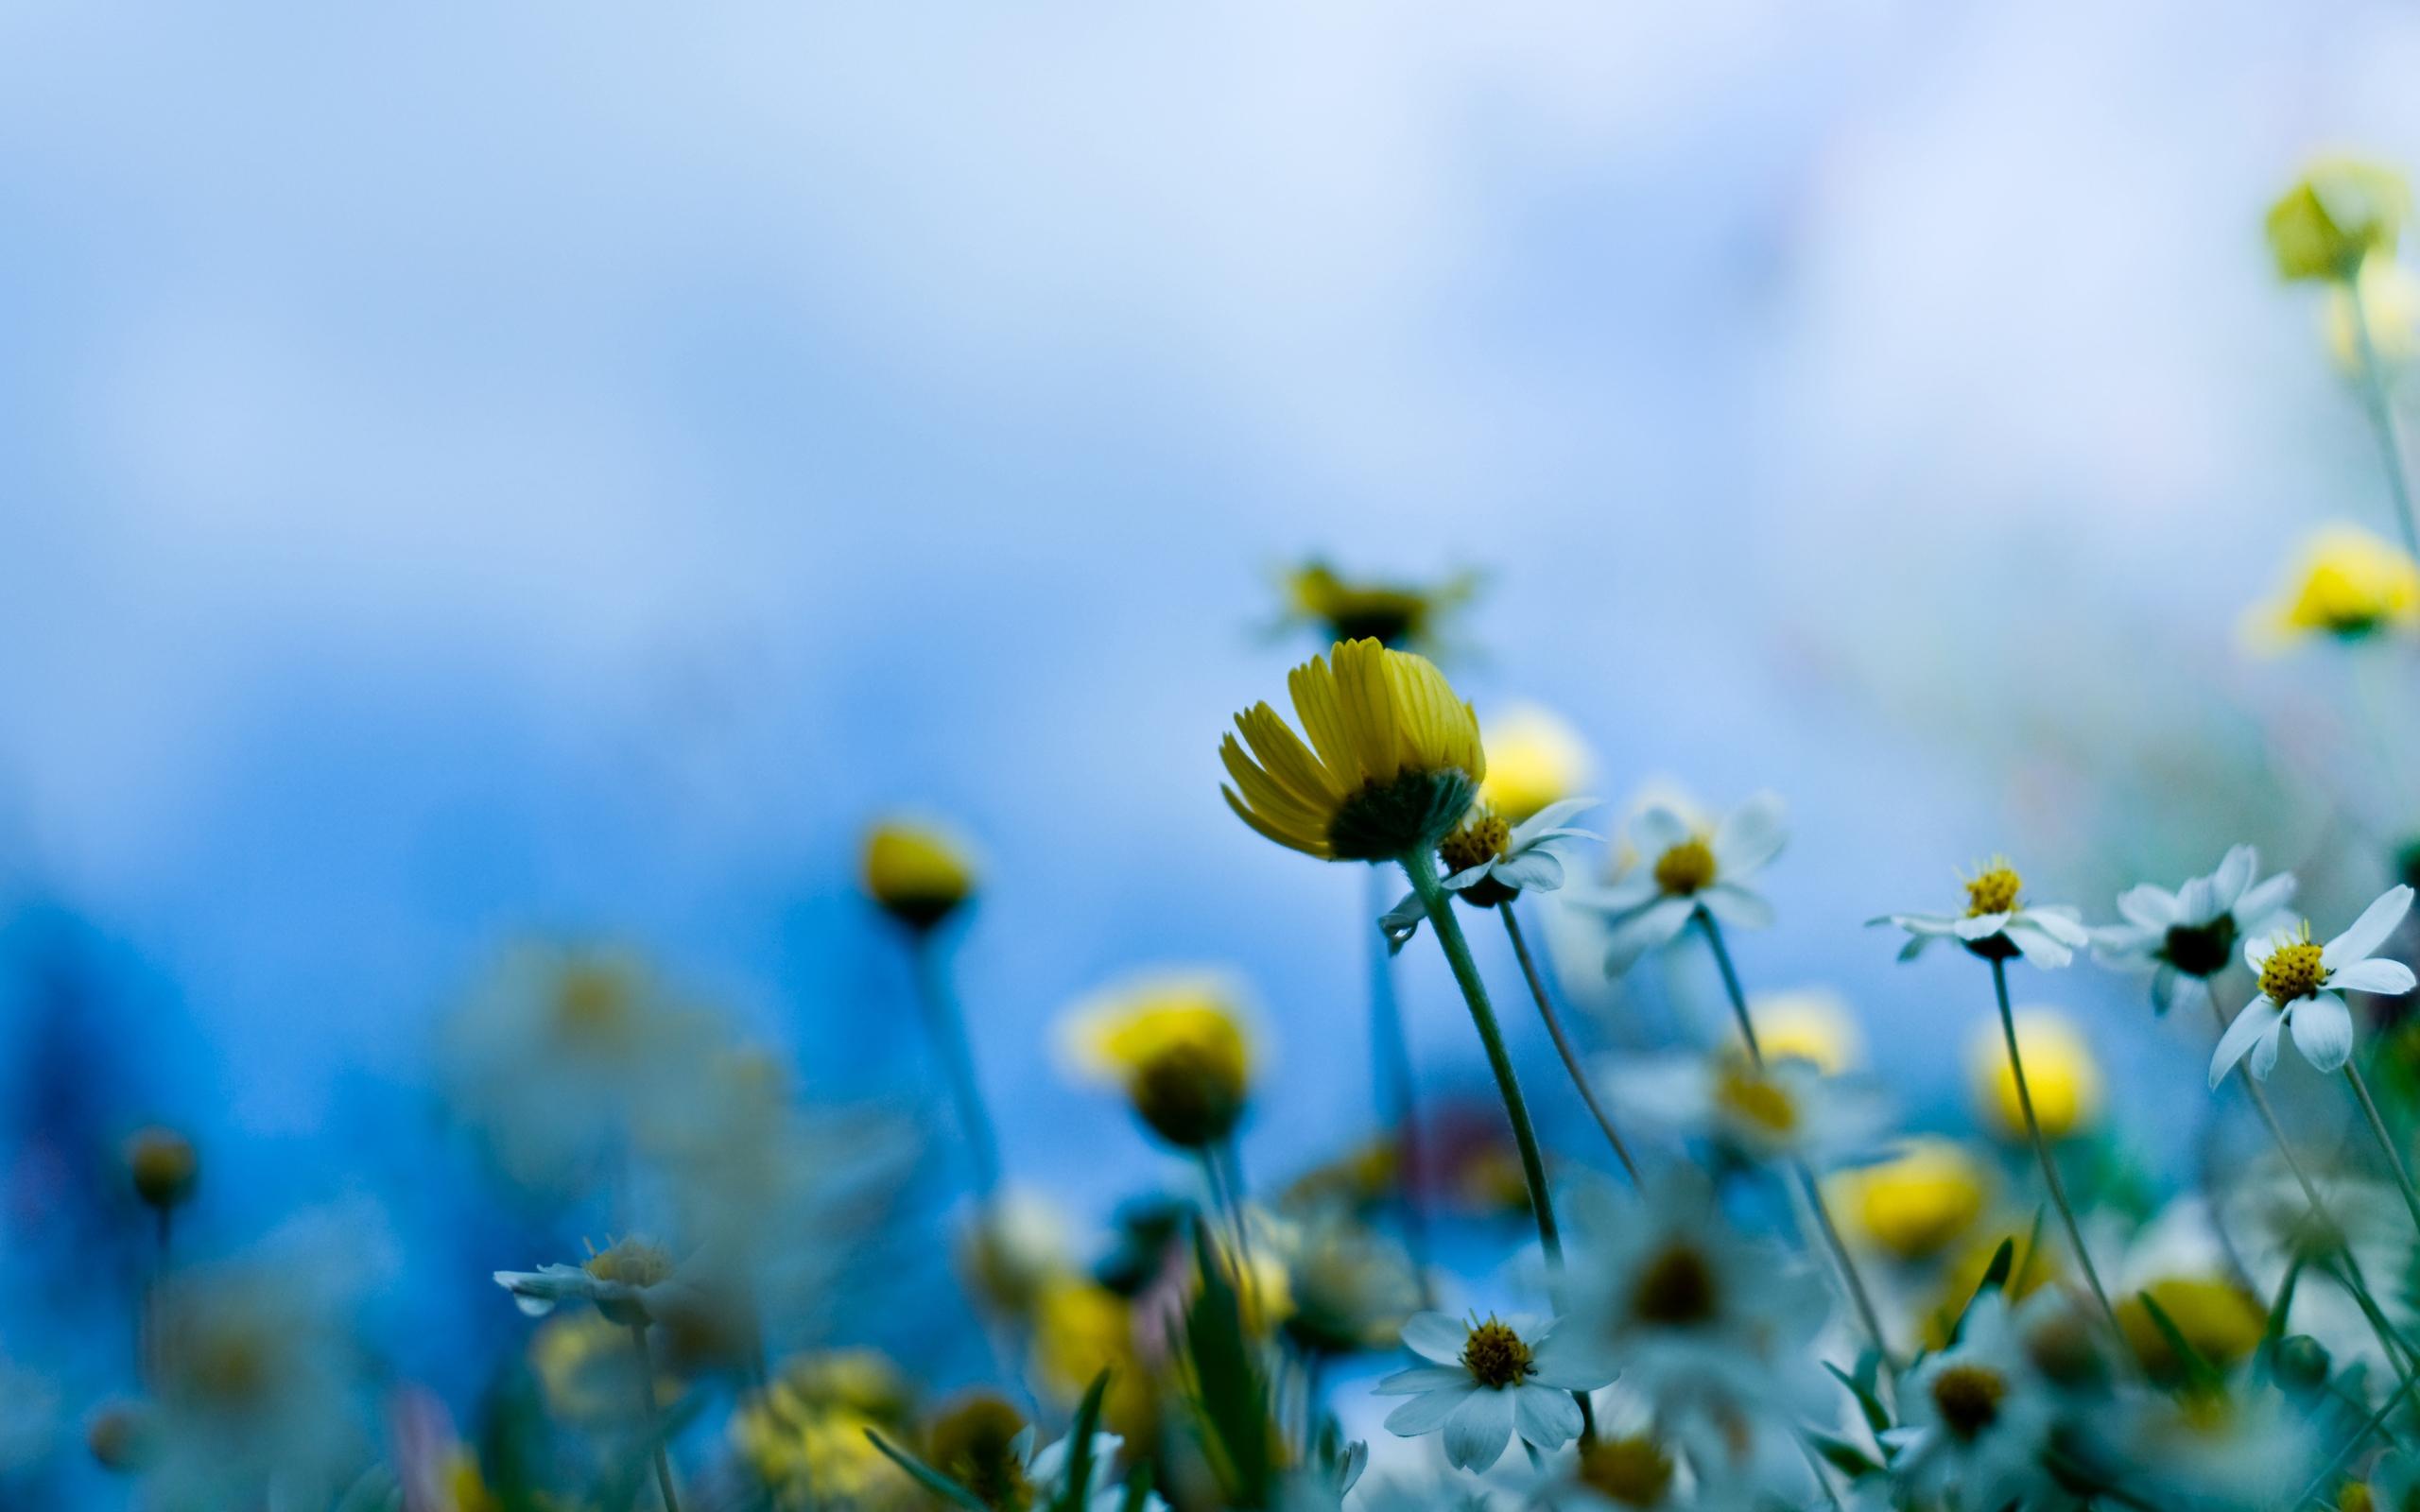 New baby blue aesthetic wallpaper iphone ideas instagram, aesthetic backgrounds. Flower Images Tumblr | PixelsTalk.Net